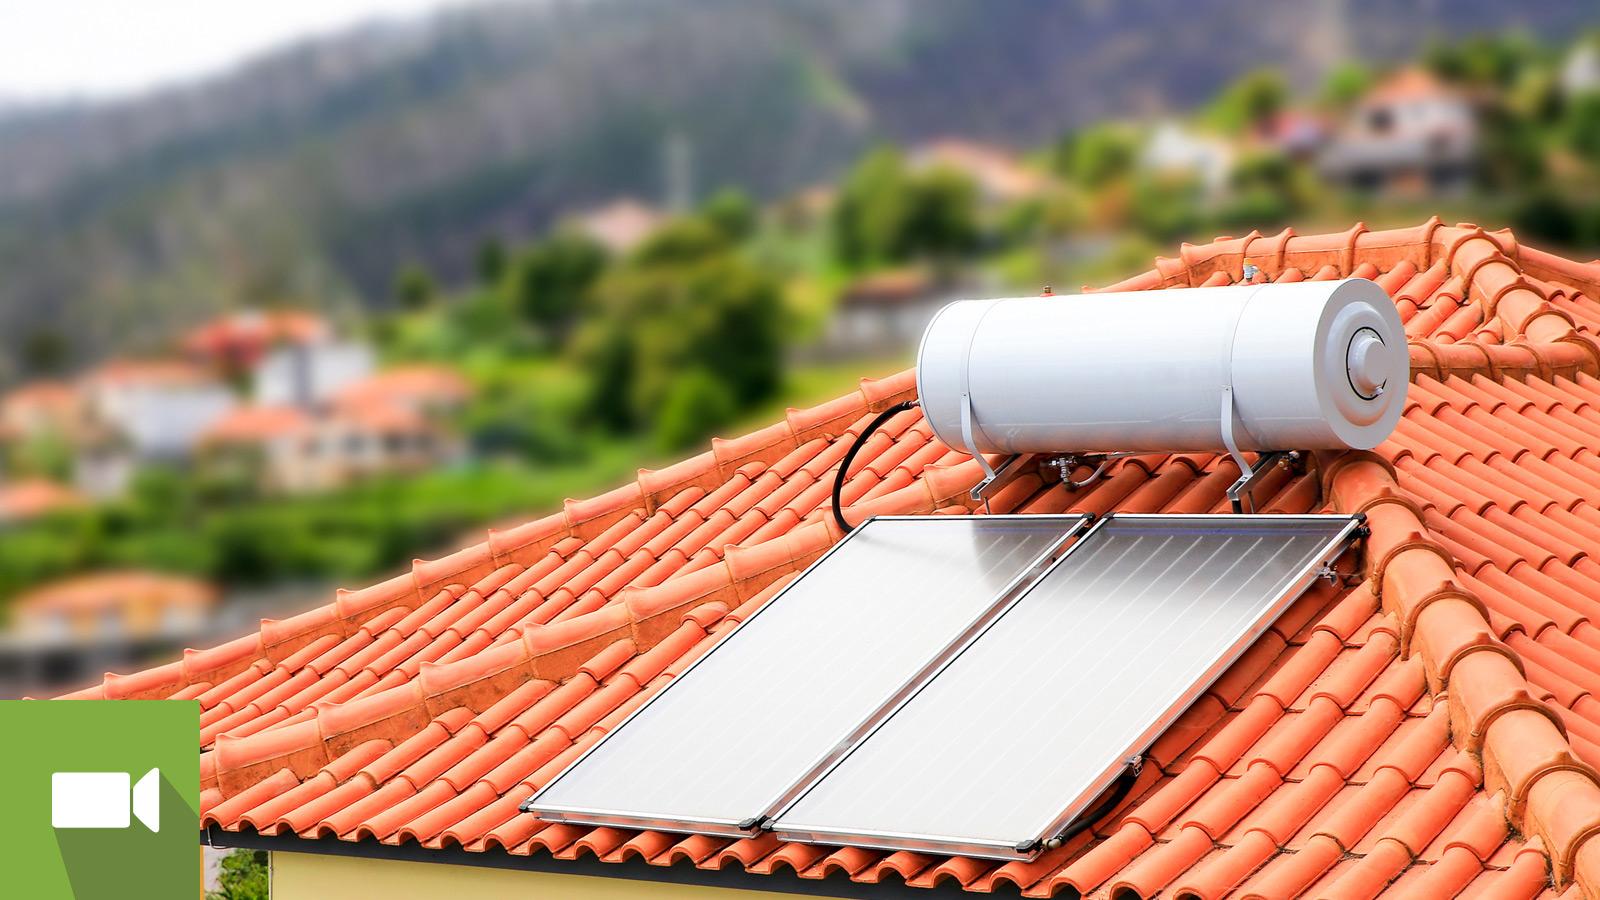 Para que um sistema solar térmico seja rentável, os elementos mais caros deverão durar o máximo possível. Saiba que cuidados de manutenção deve ter e qual a regularidade.